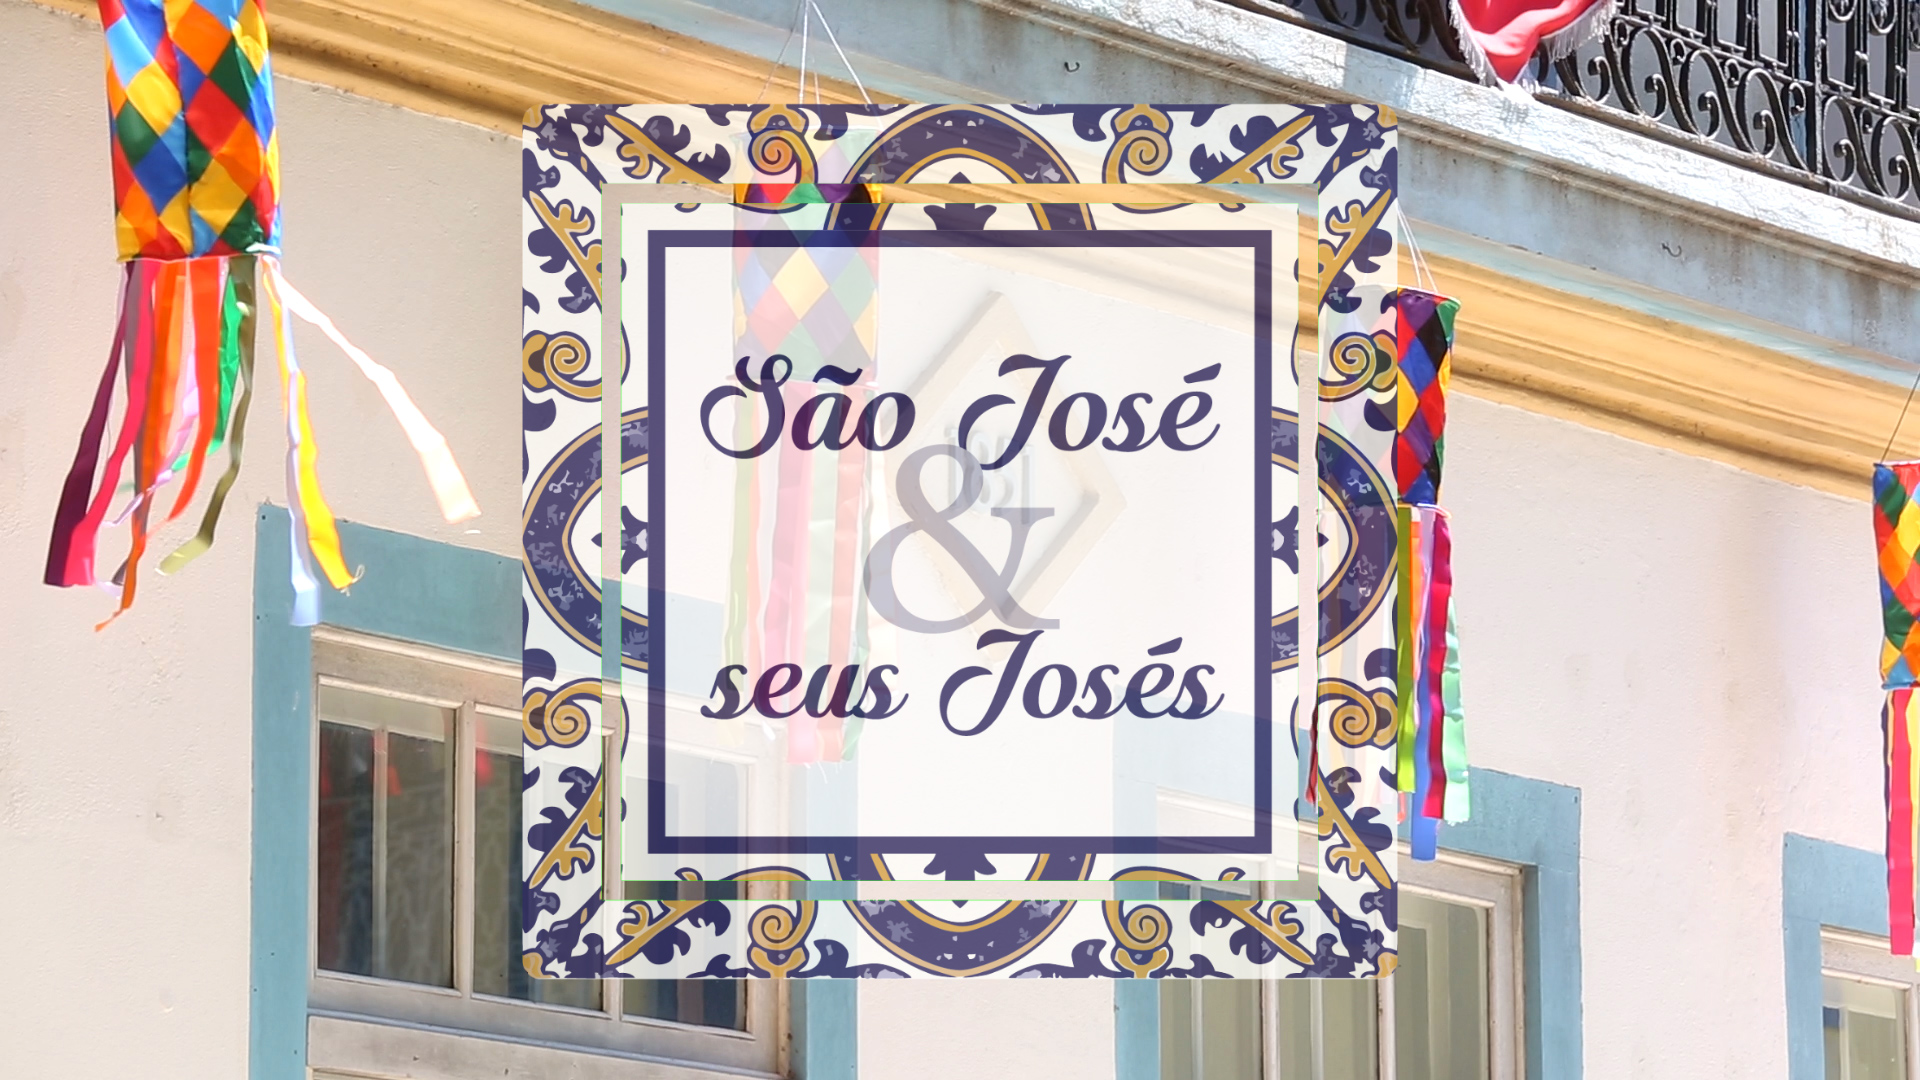 São José & seus Josés: José Hugo Passinho Filho